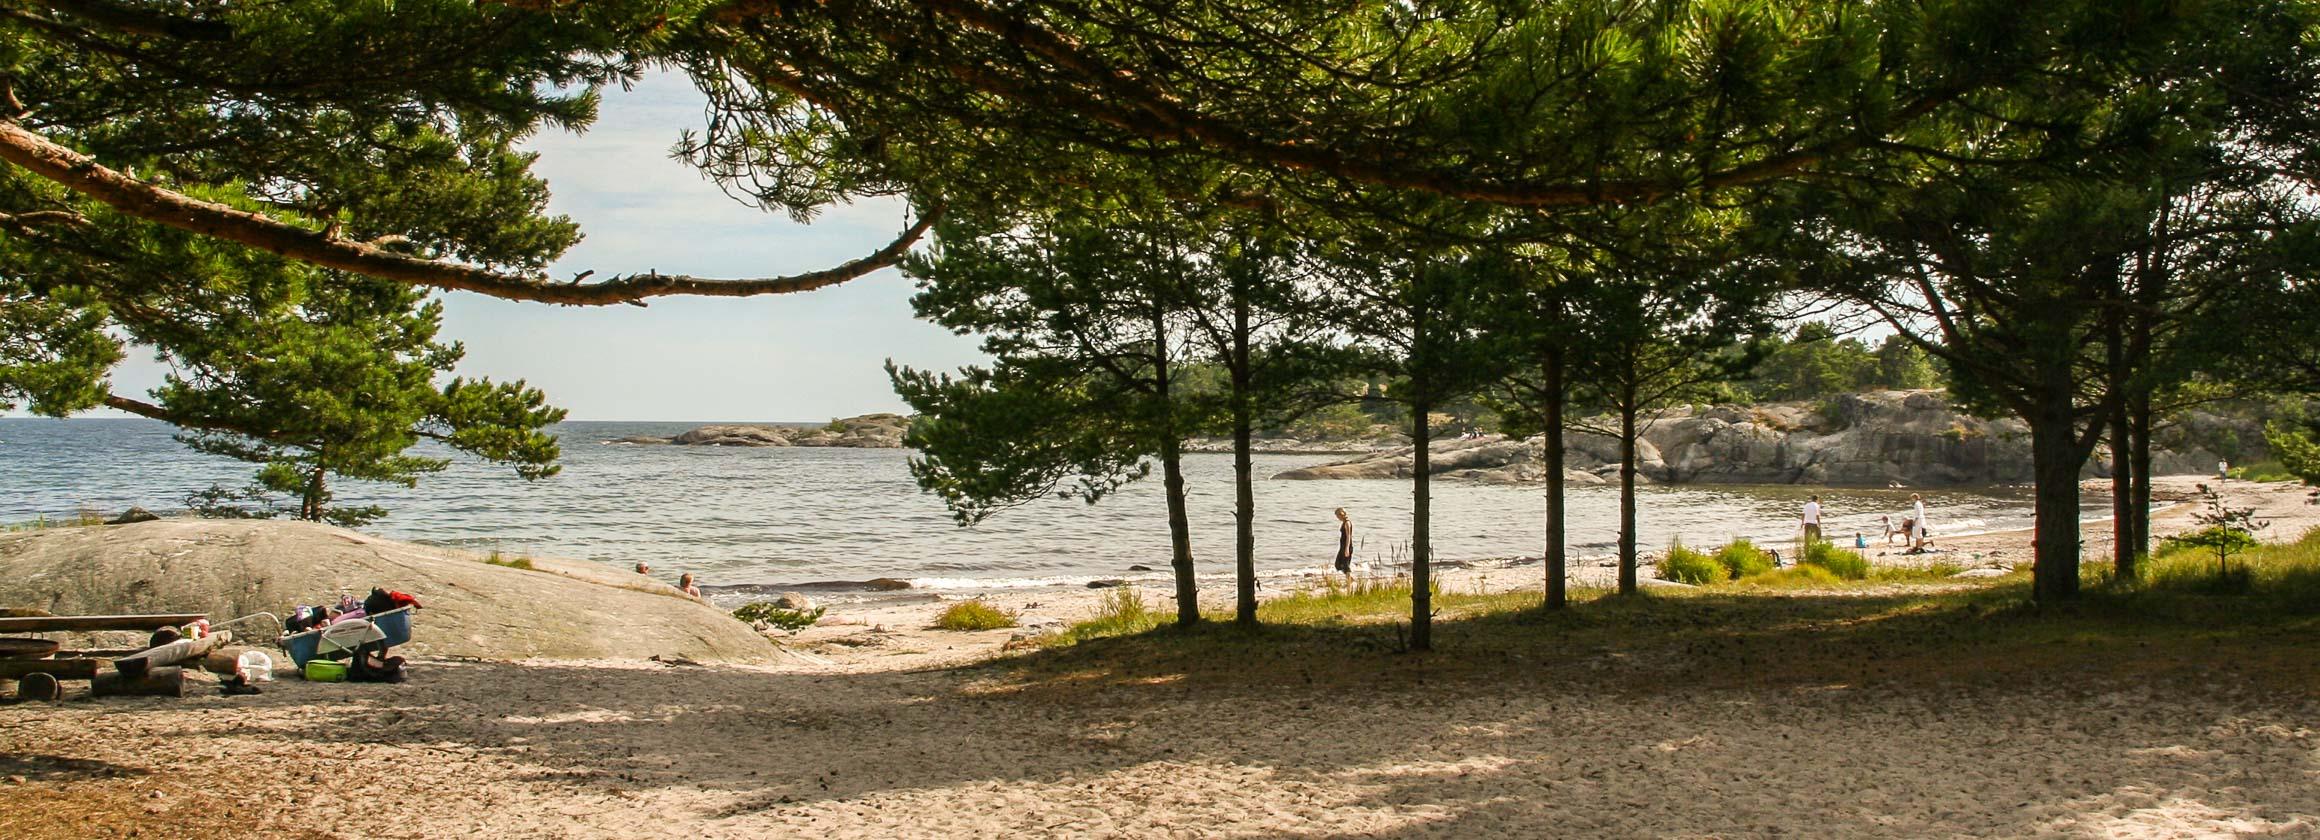 bada i skärgården stockholm